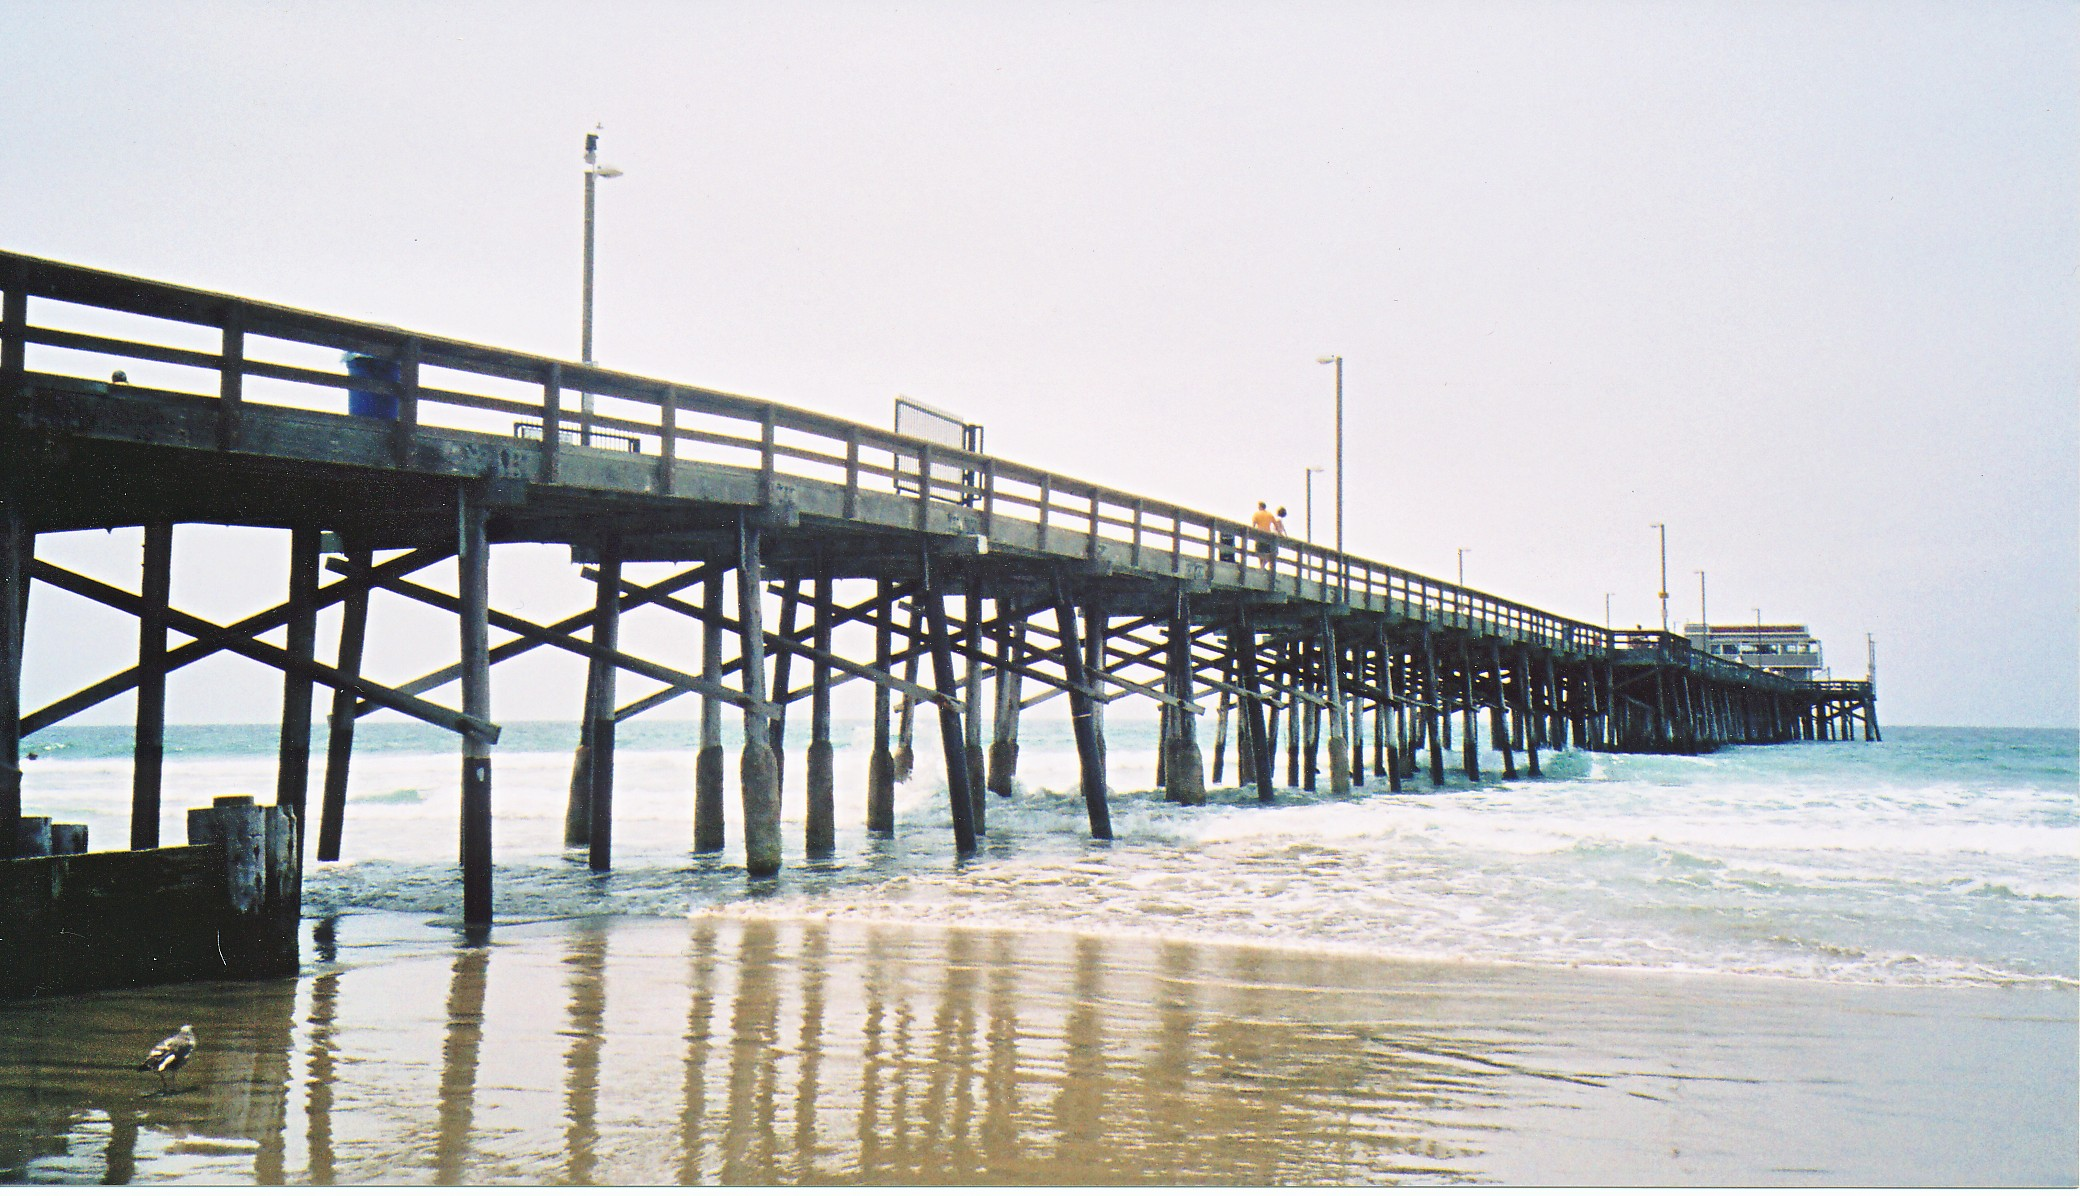 Newport pier1 for Jones beach fishing pier